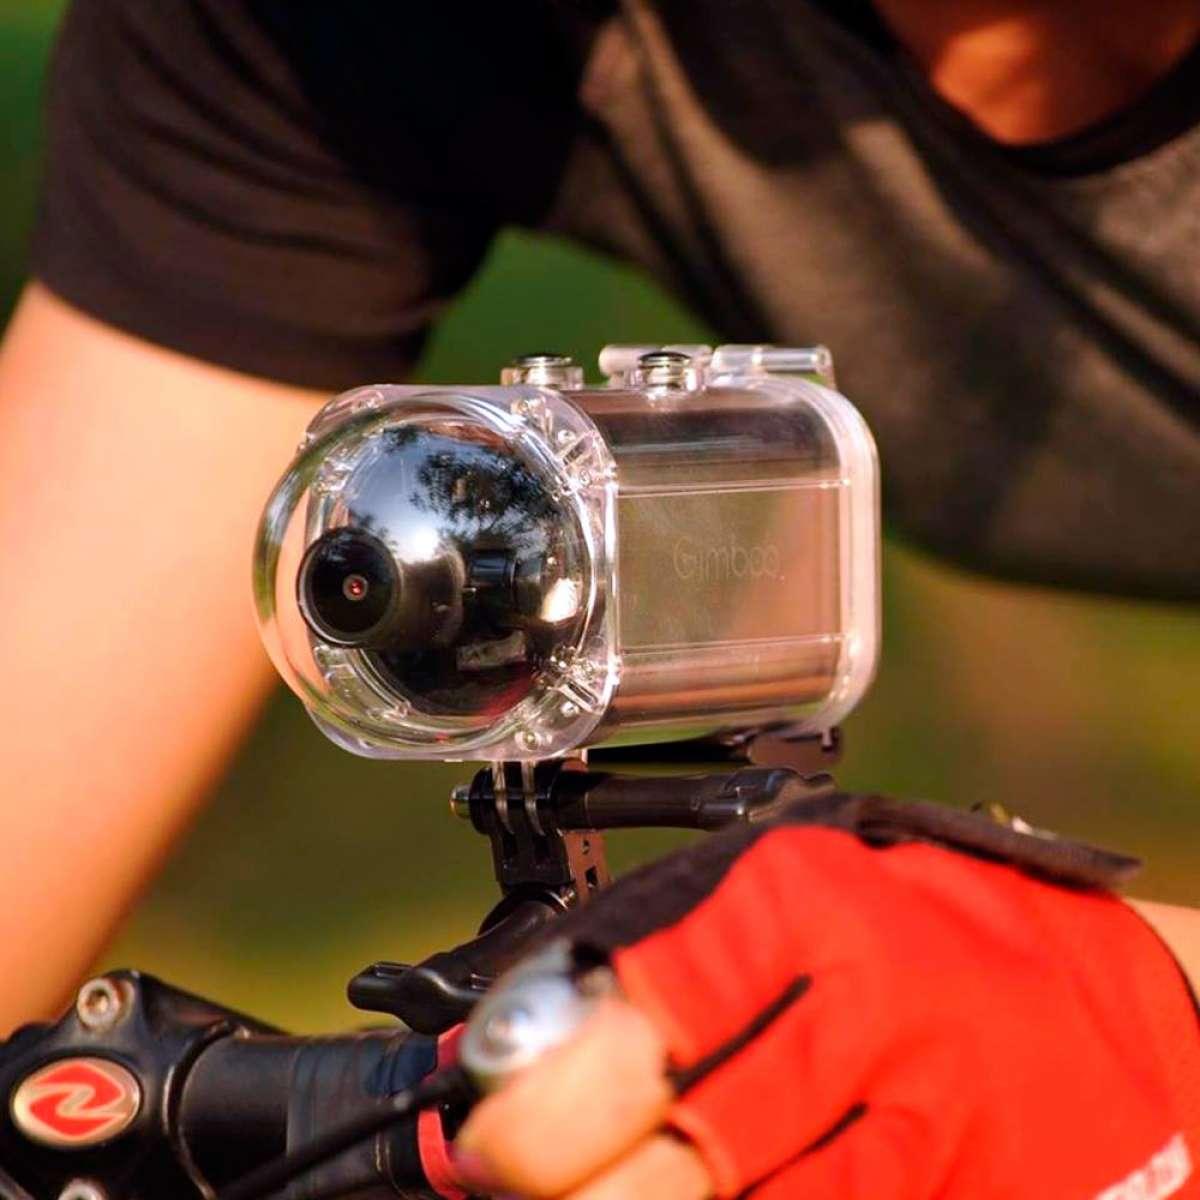 GimbalCam, una cámara de acción 4K con estabilizador mecánico de 3 ejes integrado